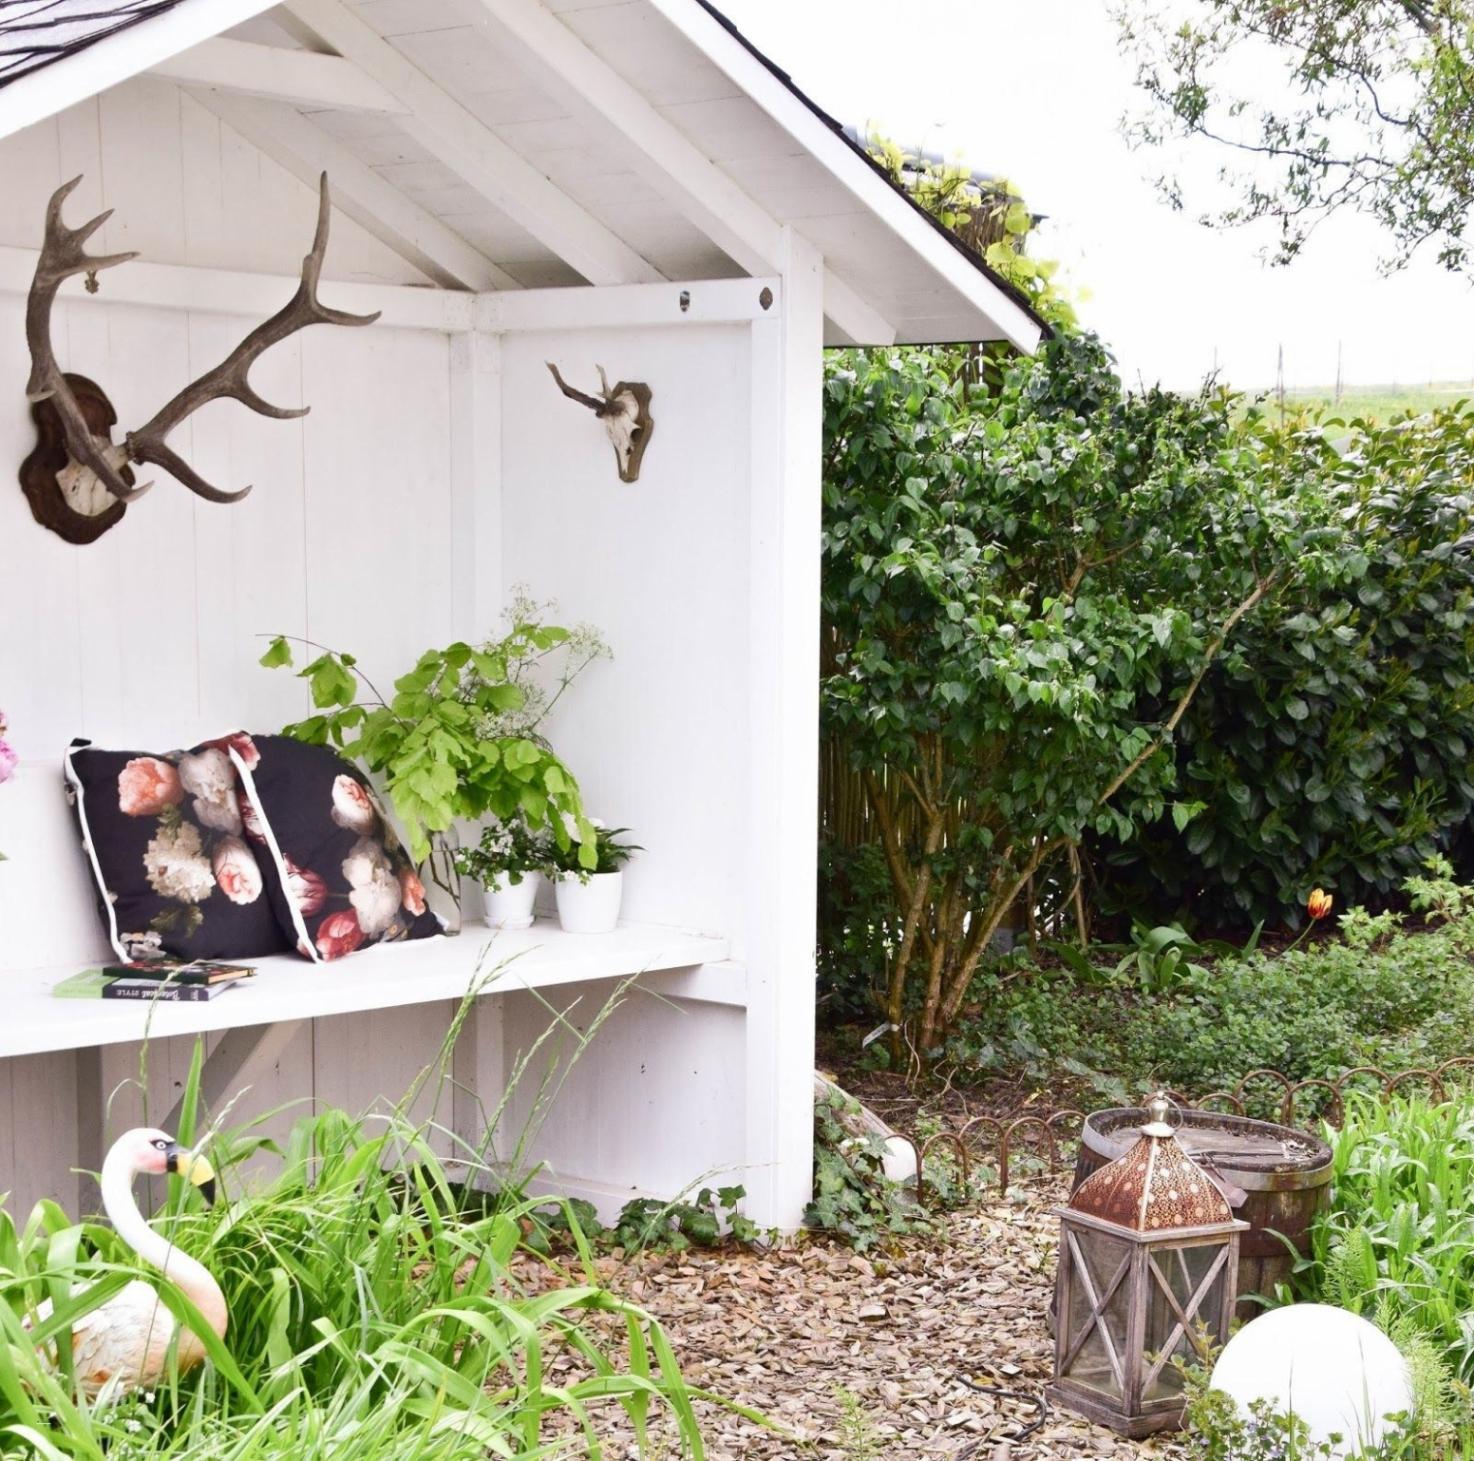 Deko Für Garten Selber Machen Inspirierend Deko Draußen Selber Machen — Temobardz Home Blog